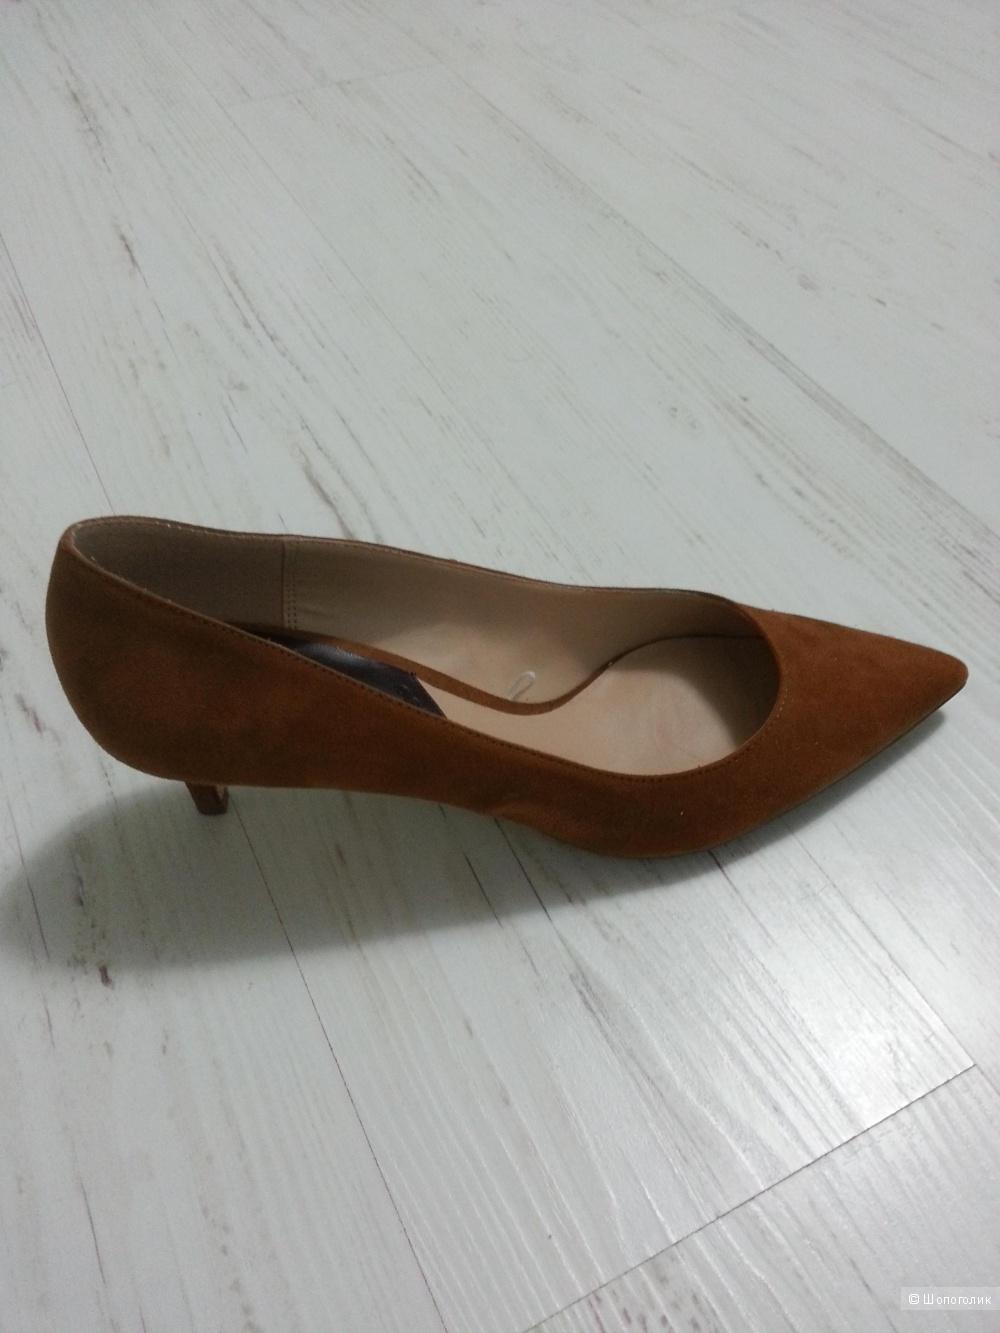 Туфли Манго новые 40 размер велюровые горчичного цвета